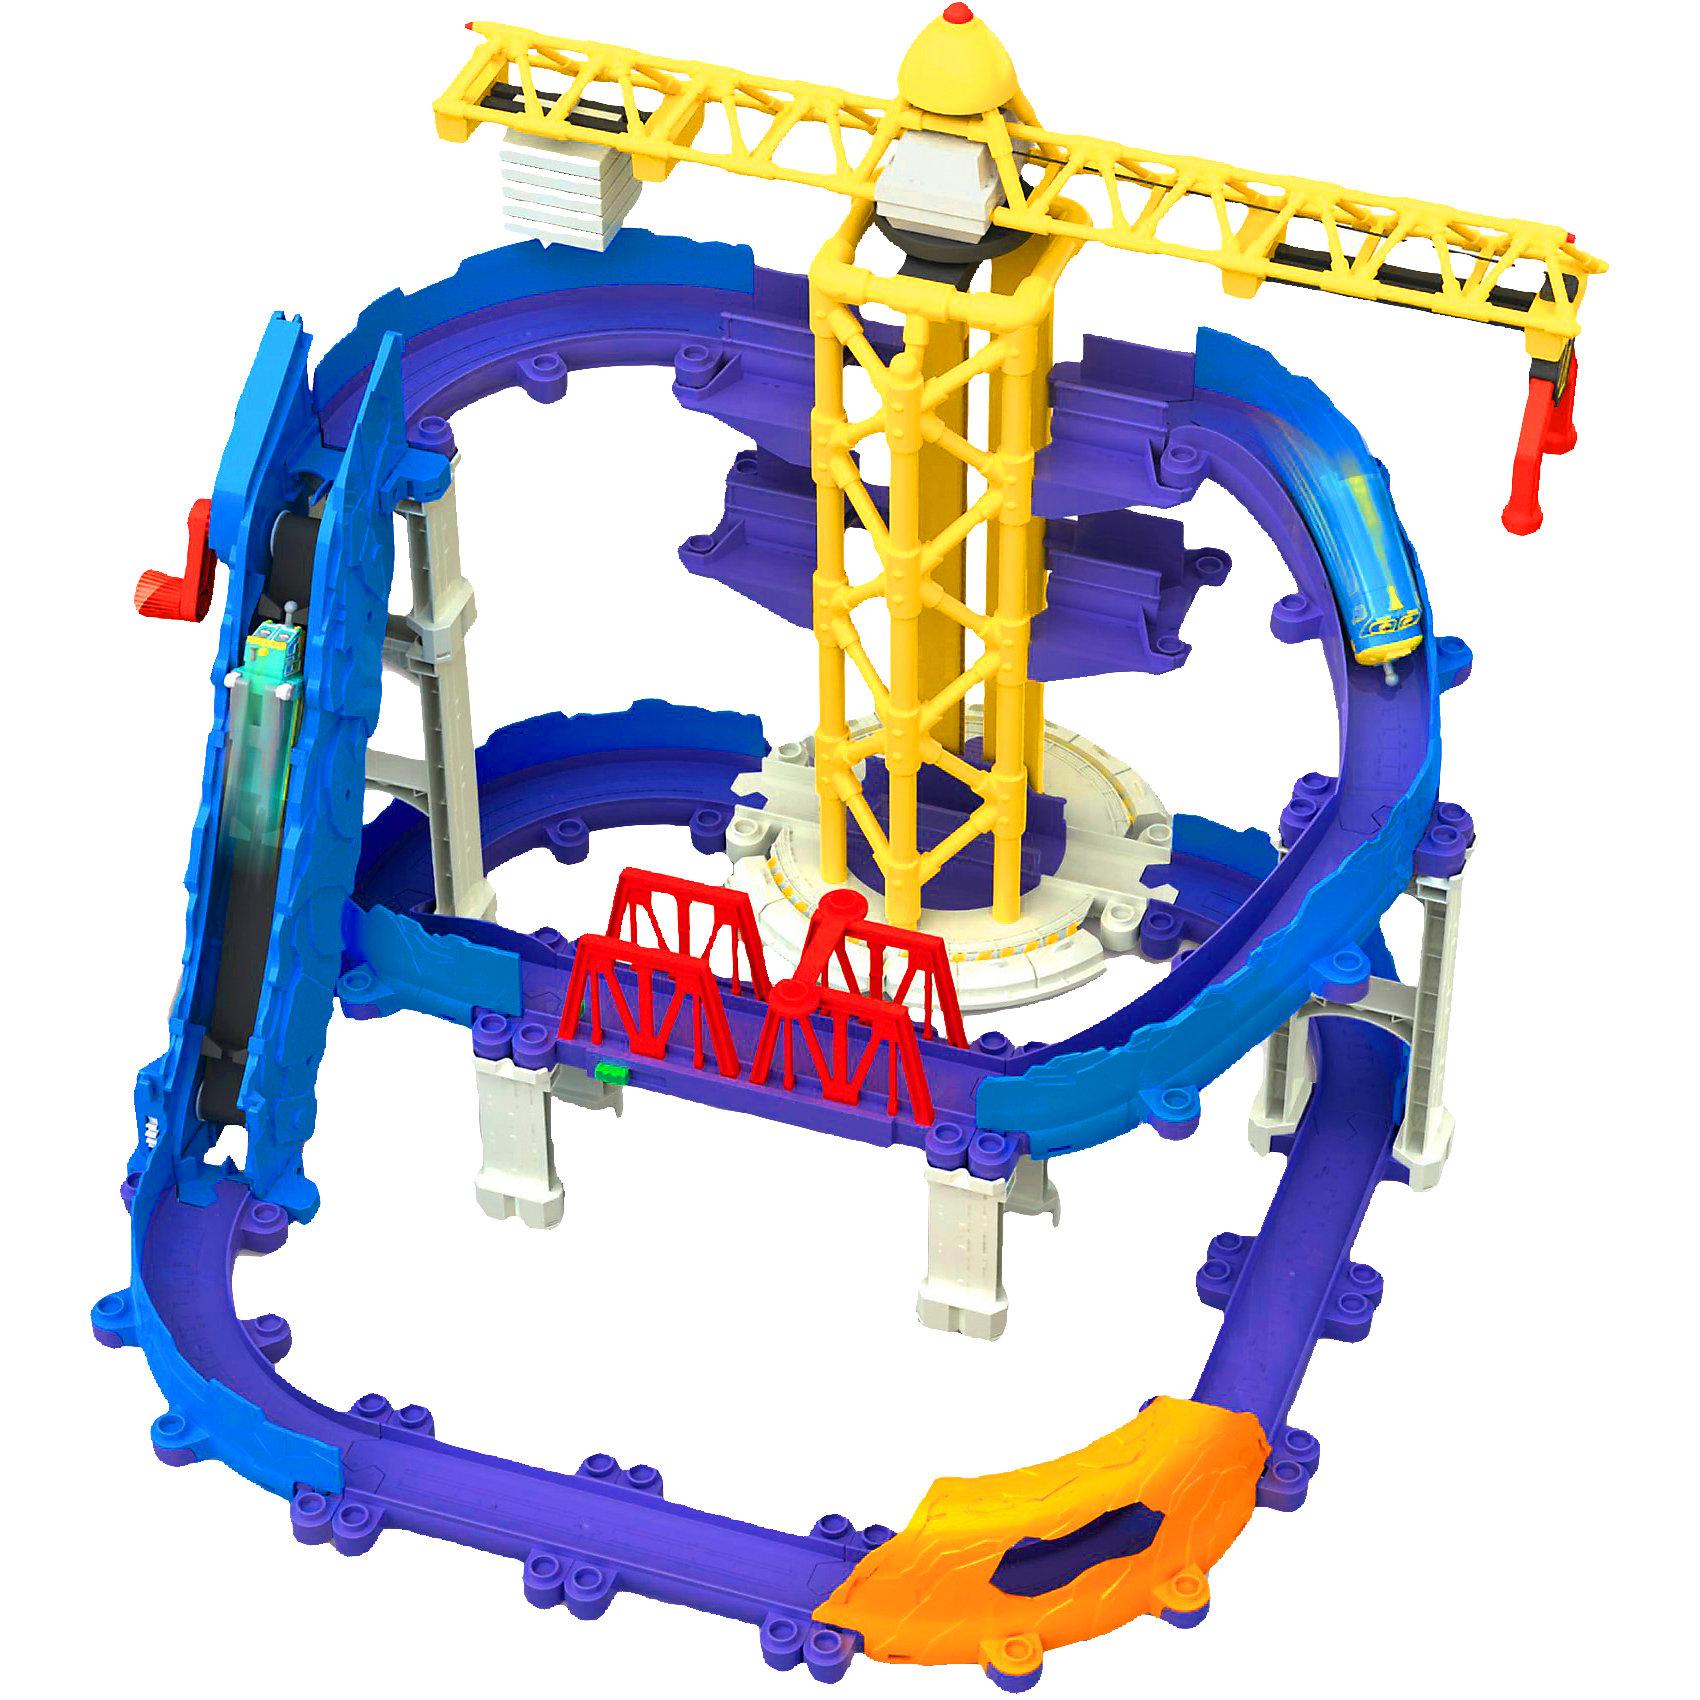 Игровой набор Большая стройка, ЧаггингтонНабор понравится всем любителям конструкторов, а особенно фанатам мультсериала Чаггингтон (Chuggington). Начните свою большую стройку вместе с веселыми паровозиками! Набор состоит из большого железнодорожного трека, тоннеля, моста, и подъемного крана. Детали дороги имеют прочное соединение, при этом их очень легко собирать и разбирать. Маленький паровозик Брюстер - точная копия героя любимого мультфильма. <br>С этим набором ваш ребенок сможет интересно и с пользой проводить время. Собирание конструктора дарить массу положительных эмоций, а так же прекрасно развивает мелкую моторику, логическое мышление и фантазию. С веселыми паровозиками дети смогут проигрывать любимые ситуации из мультфильма или же придумывать свои новые истории. Все наборы этой серии сочетаются друг с другом. Собери все наборы и построй свой настоящий Чаггингтон!<br><br>Дополнительная информация:<br><br>- Материал: пластик.<br>- Комплектация: трек, опоры, кран, мост, тоннель, паровозик Брюстер. <br>- Размер паровозика: 8 х3х4 см<br><br>Игровой набор Большая стройка, Чаггингтон (Chuggington) можно купить в нашем магазине.<br><br>Ширина мм: 521<br>Глубина мм: 360<br>Высота мм: 165<br>Вес г: 2920<br>Возраст от месяцев: 36<br>Возраст до месяцев: 60<br>Пол: Мужской<br>Возраст: Детский<br>SKU: 3645186